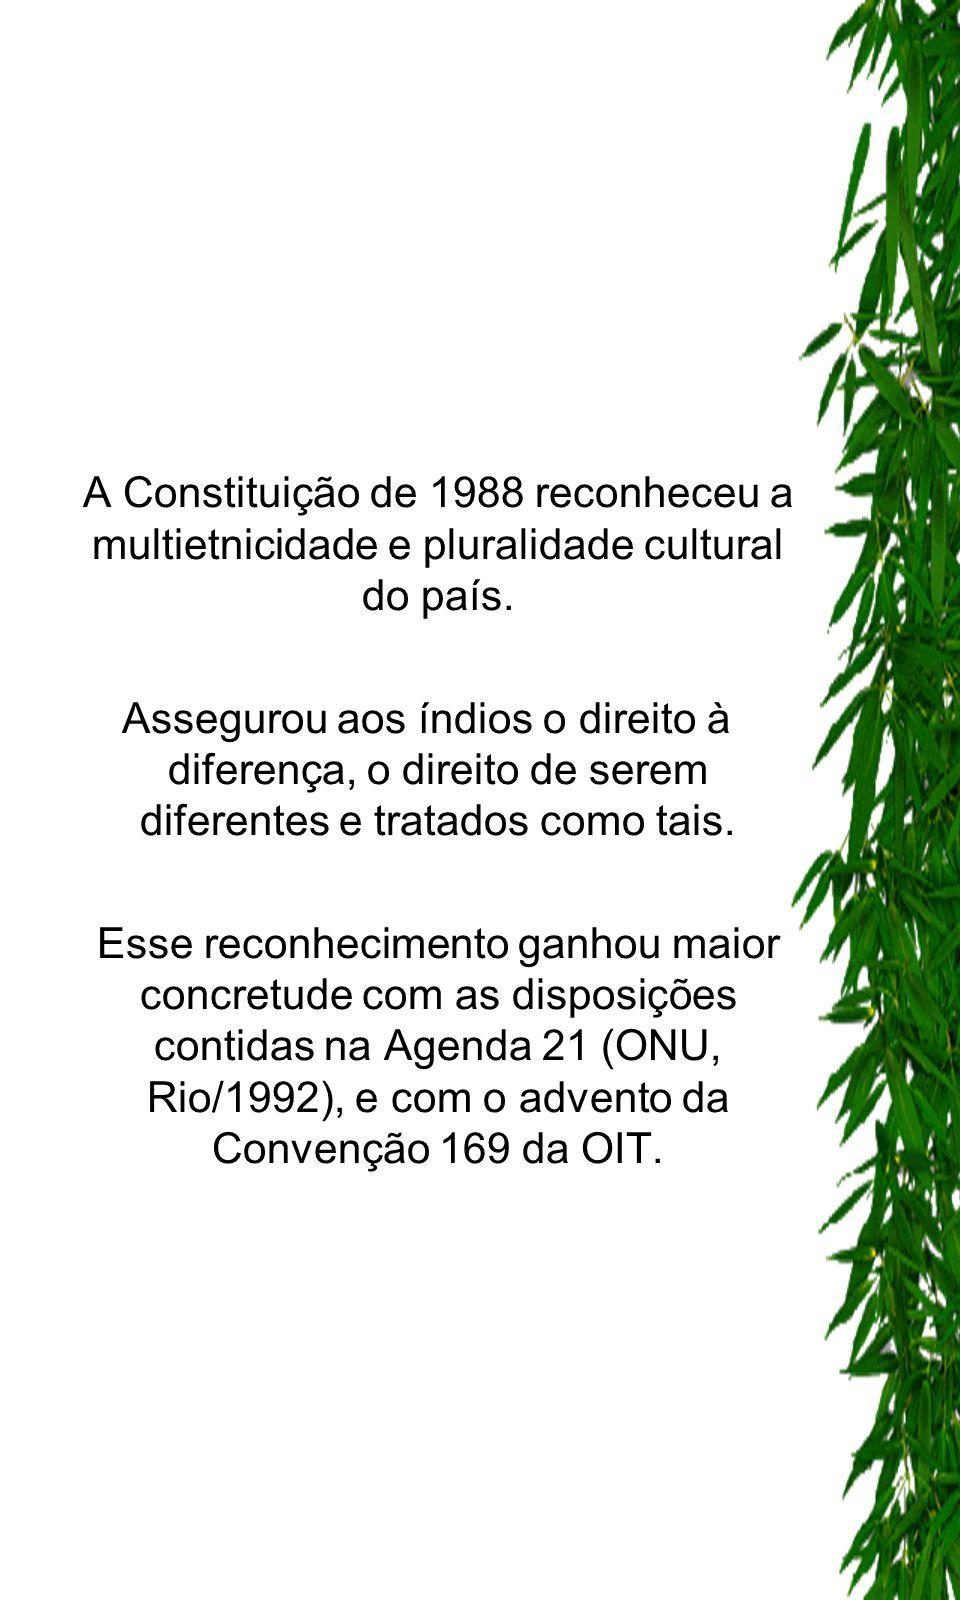 A Constituição de 1988 reconheceu a multietnicidade e pluralidade cultural do país. Assegurou aos índios o direito à diferença, o direito de serem dif